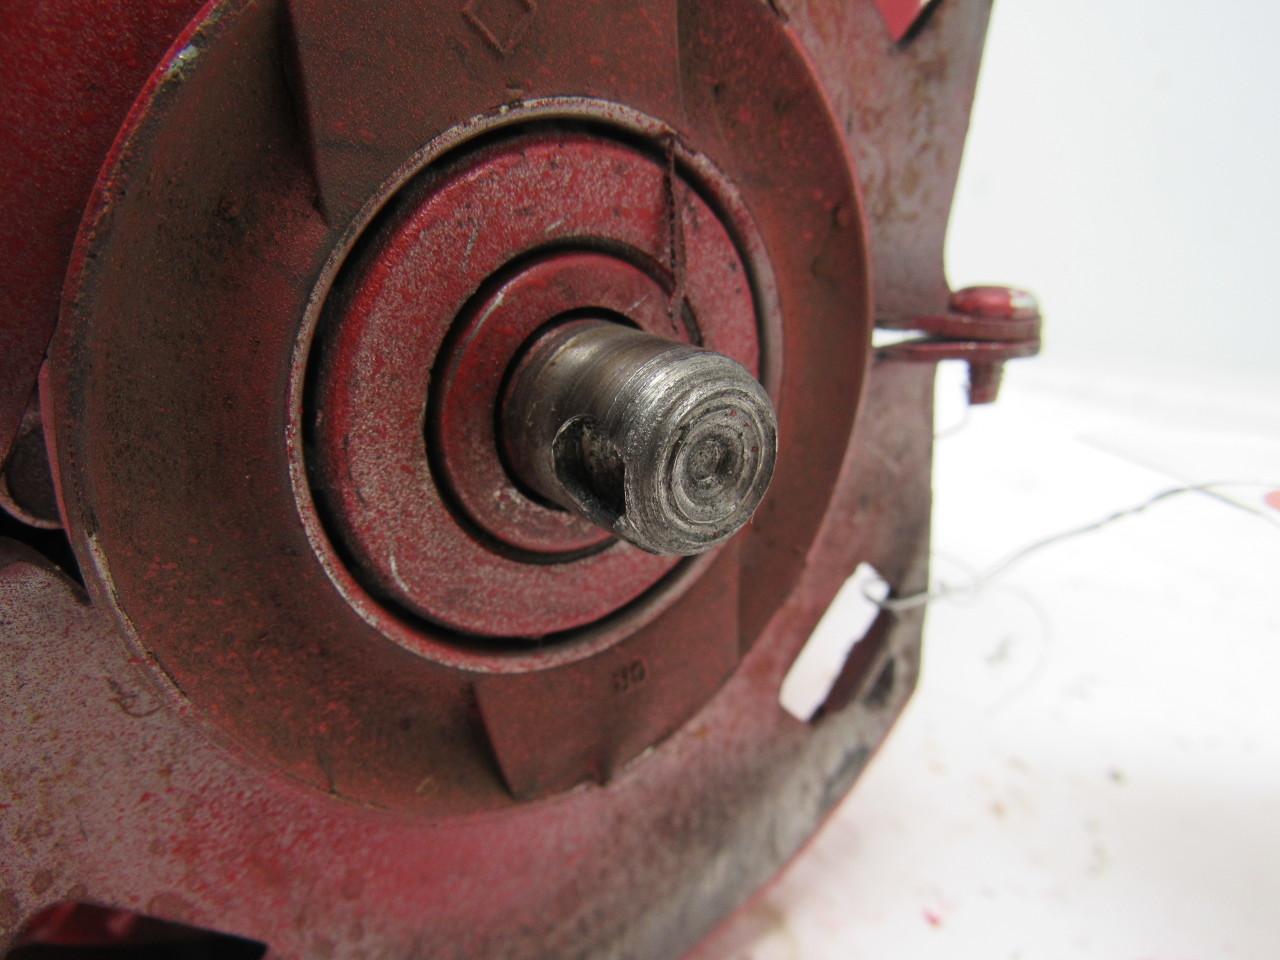 Bell and gossett 111031 water circulating motor 1 6 hp for Bell gossett motors